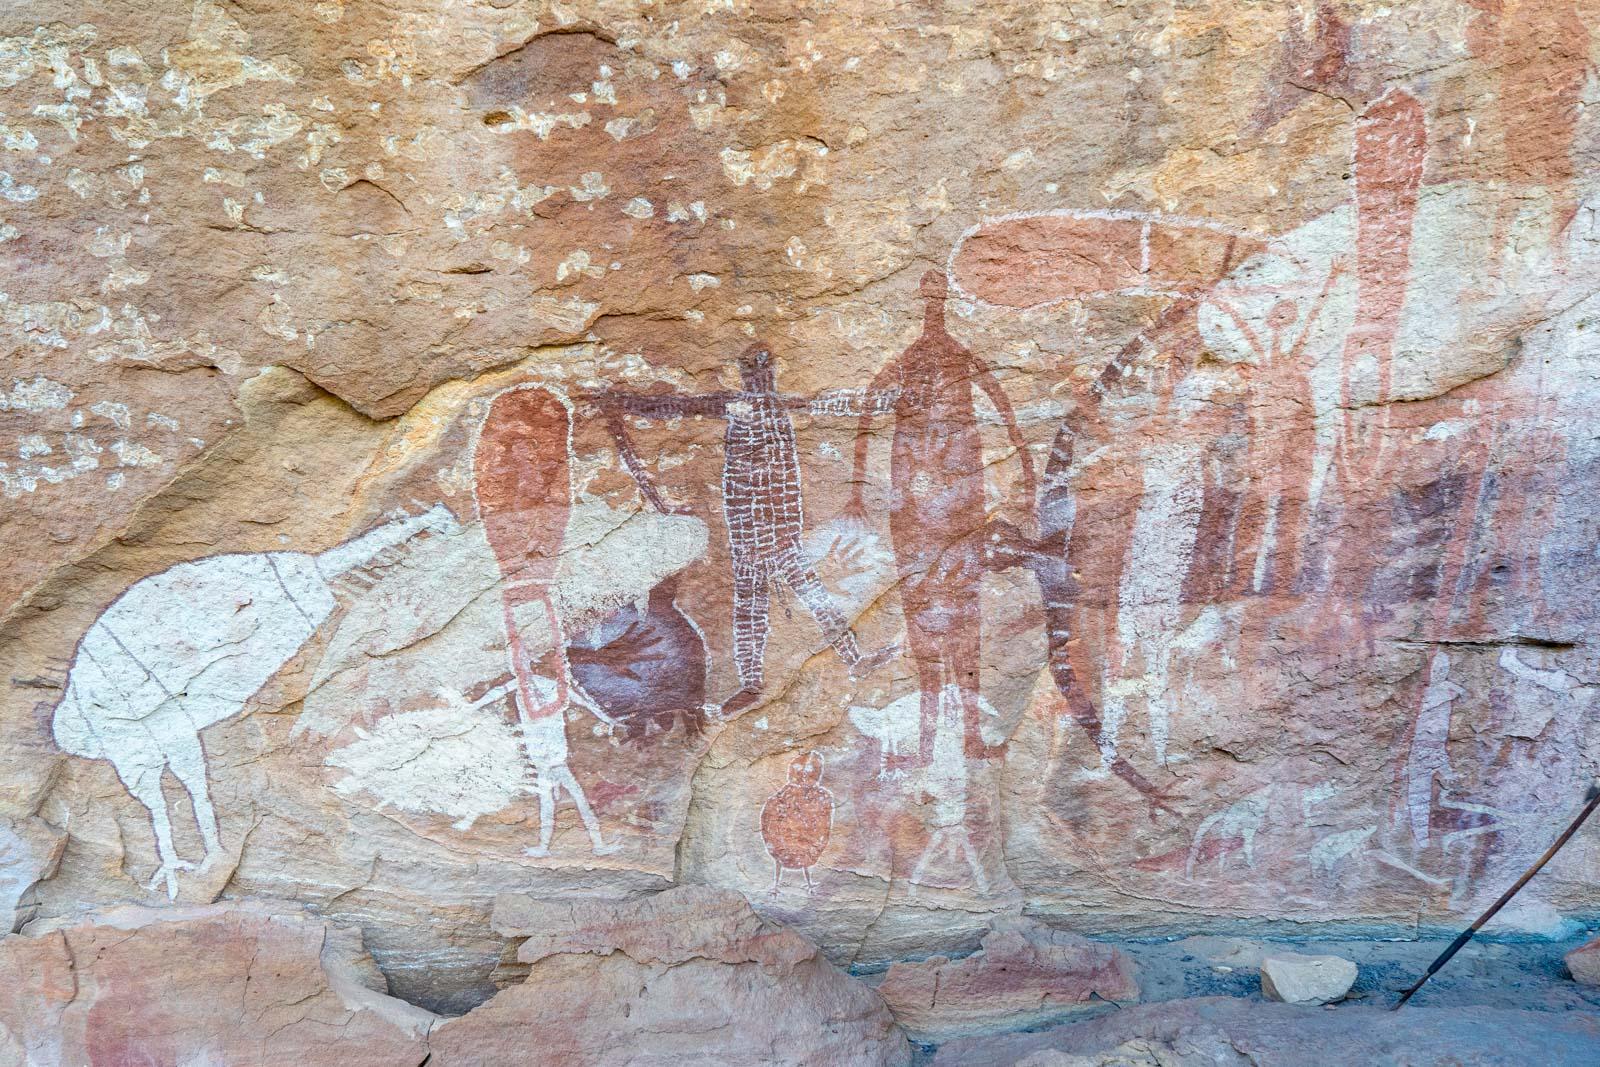 Quinkan Rock Art, Laura, Queensland